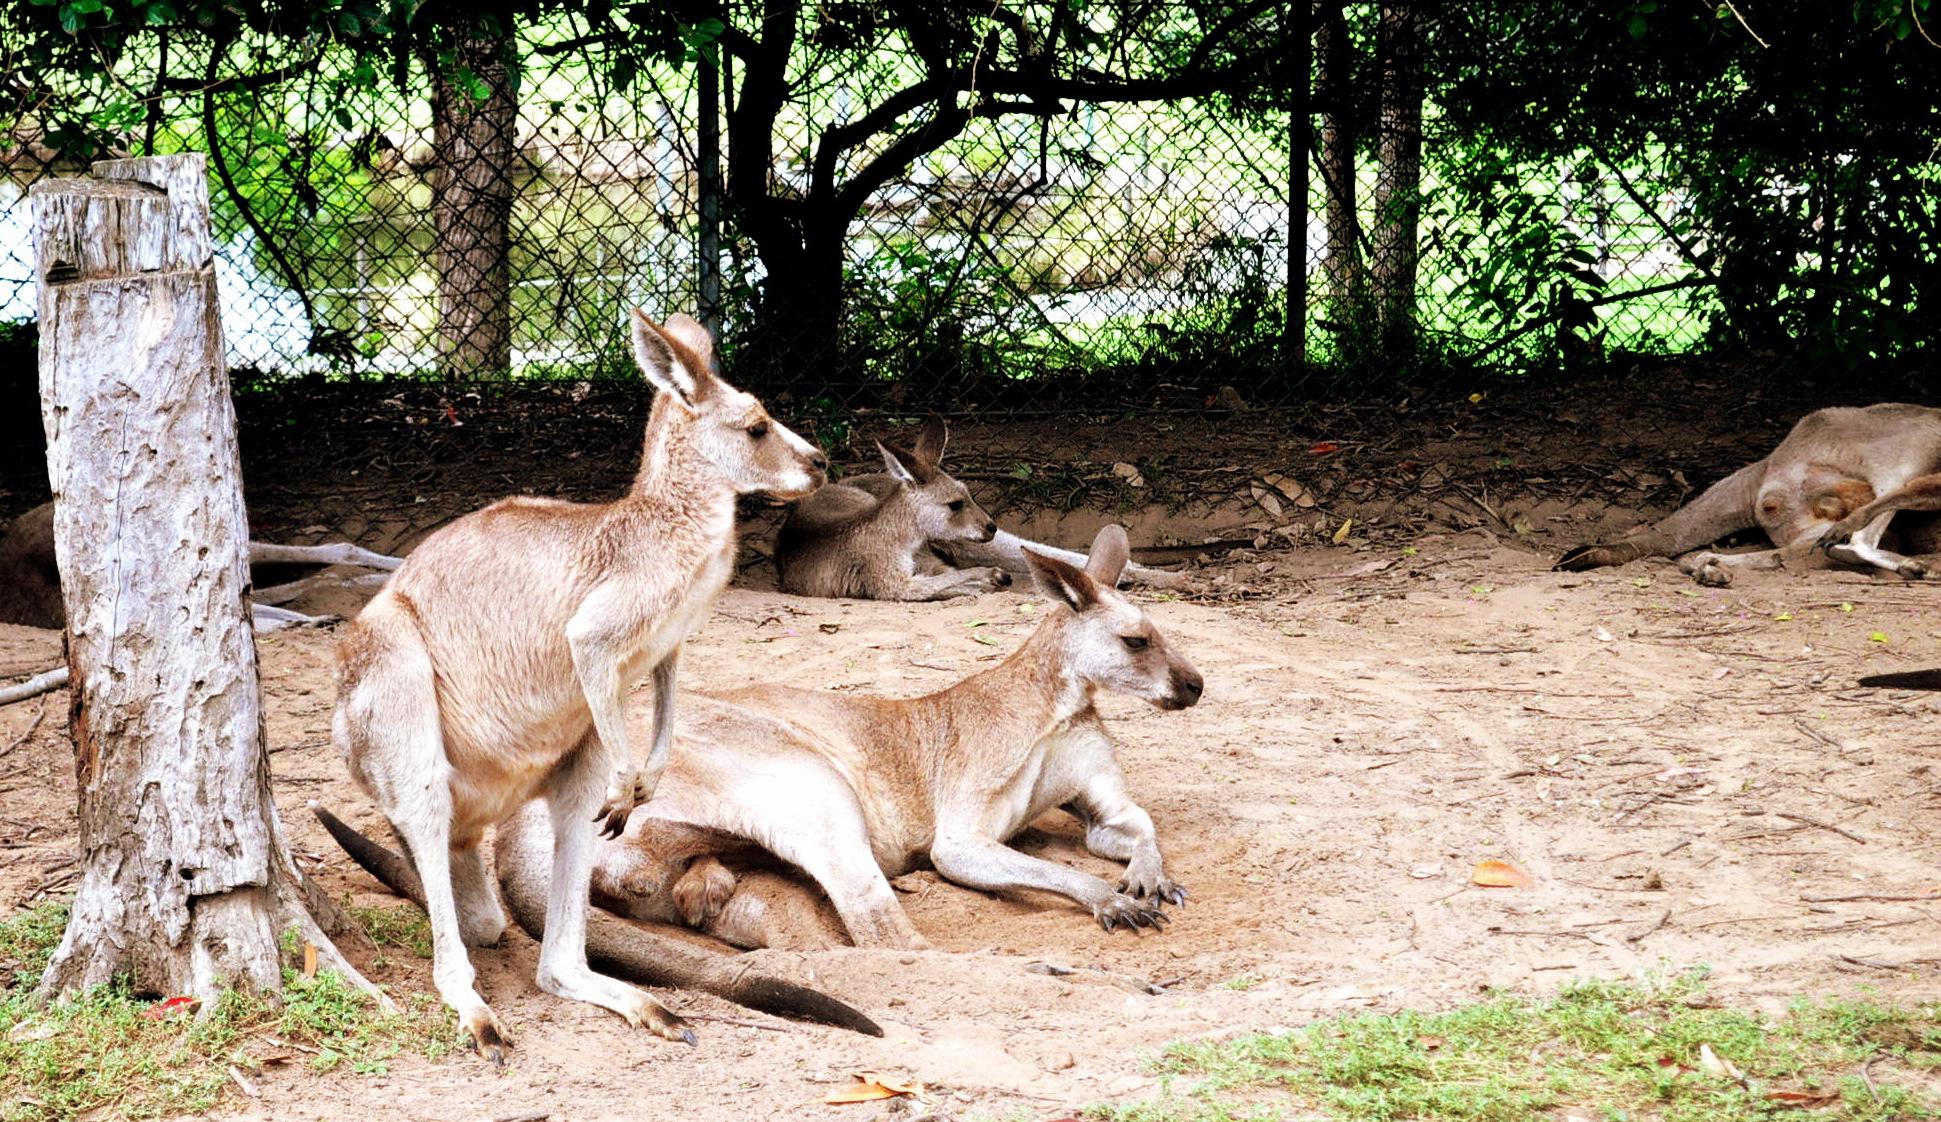 Kangaroos in Brisbane Zoo